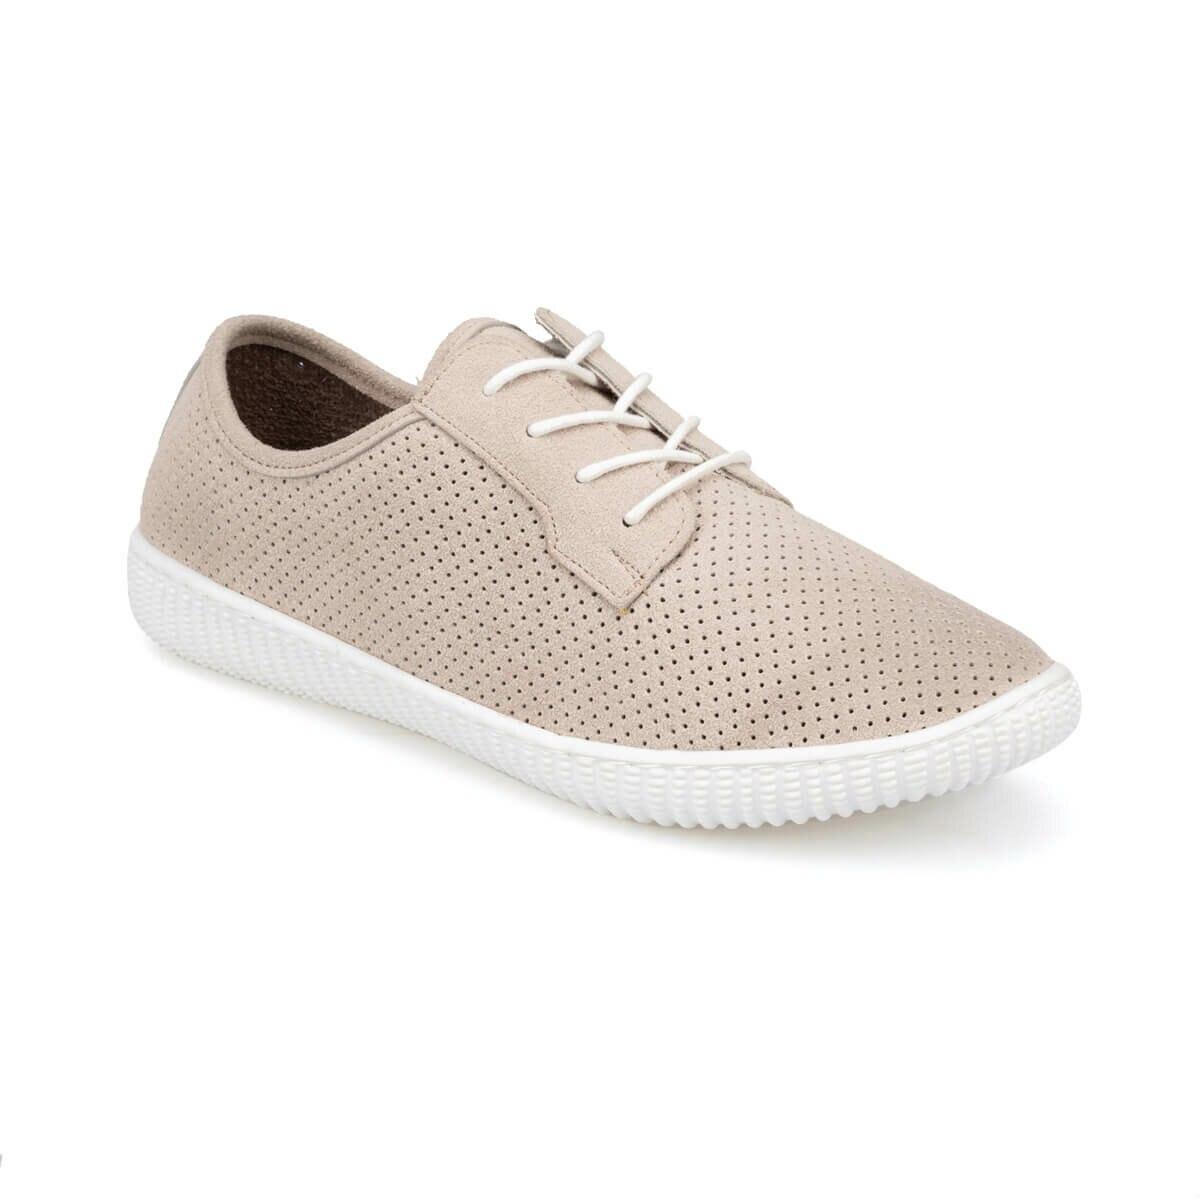 FLO 91.150678.Z Sand Color Women Shoes Polaris